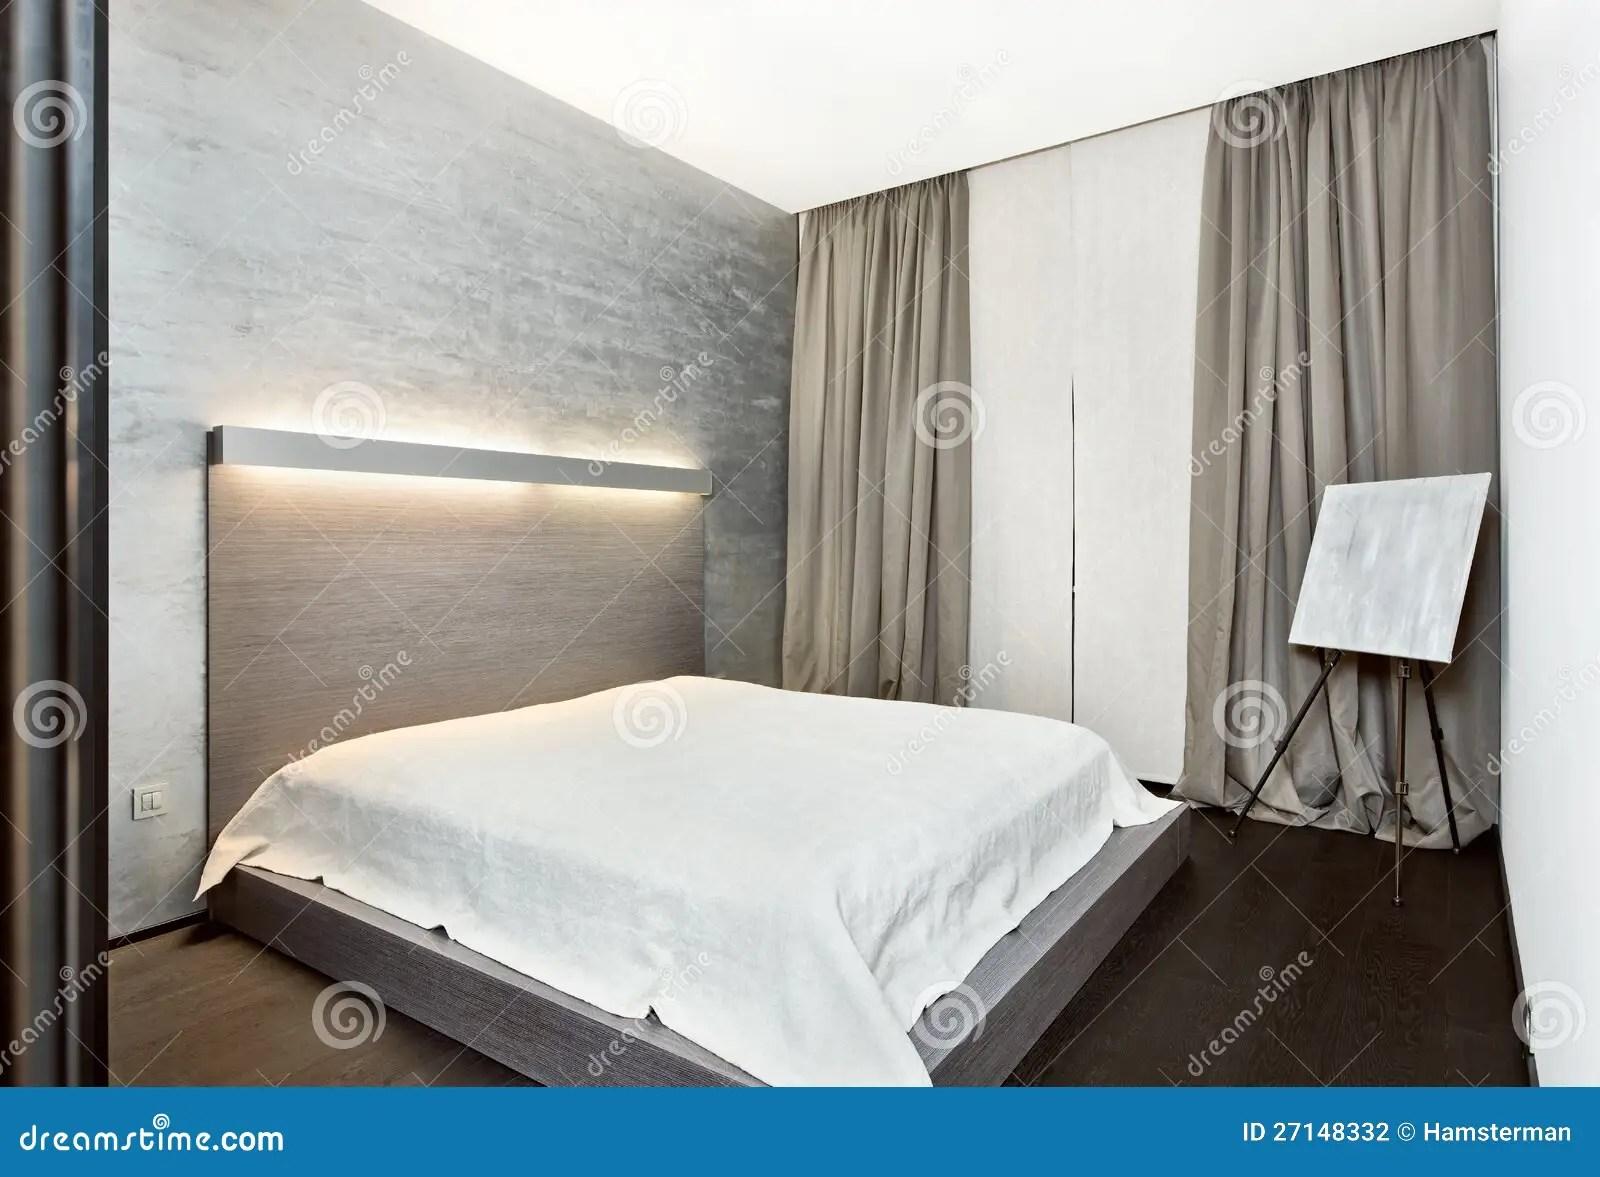 Camere Da Letto Shabby Chic Moderno : Moderno camera da letto shabby chic giro : interiore moderno della